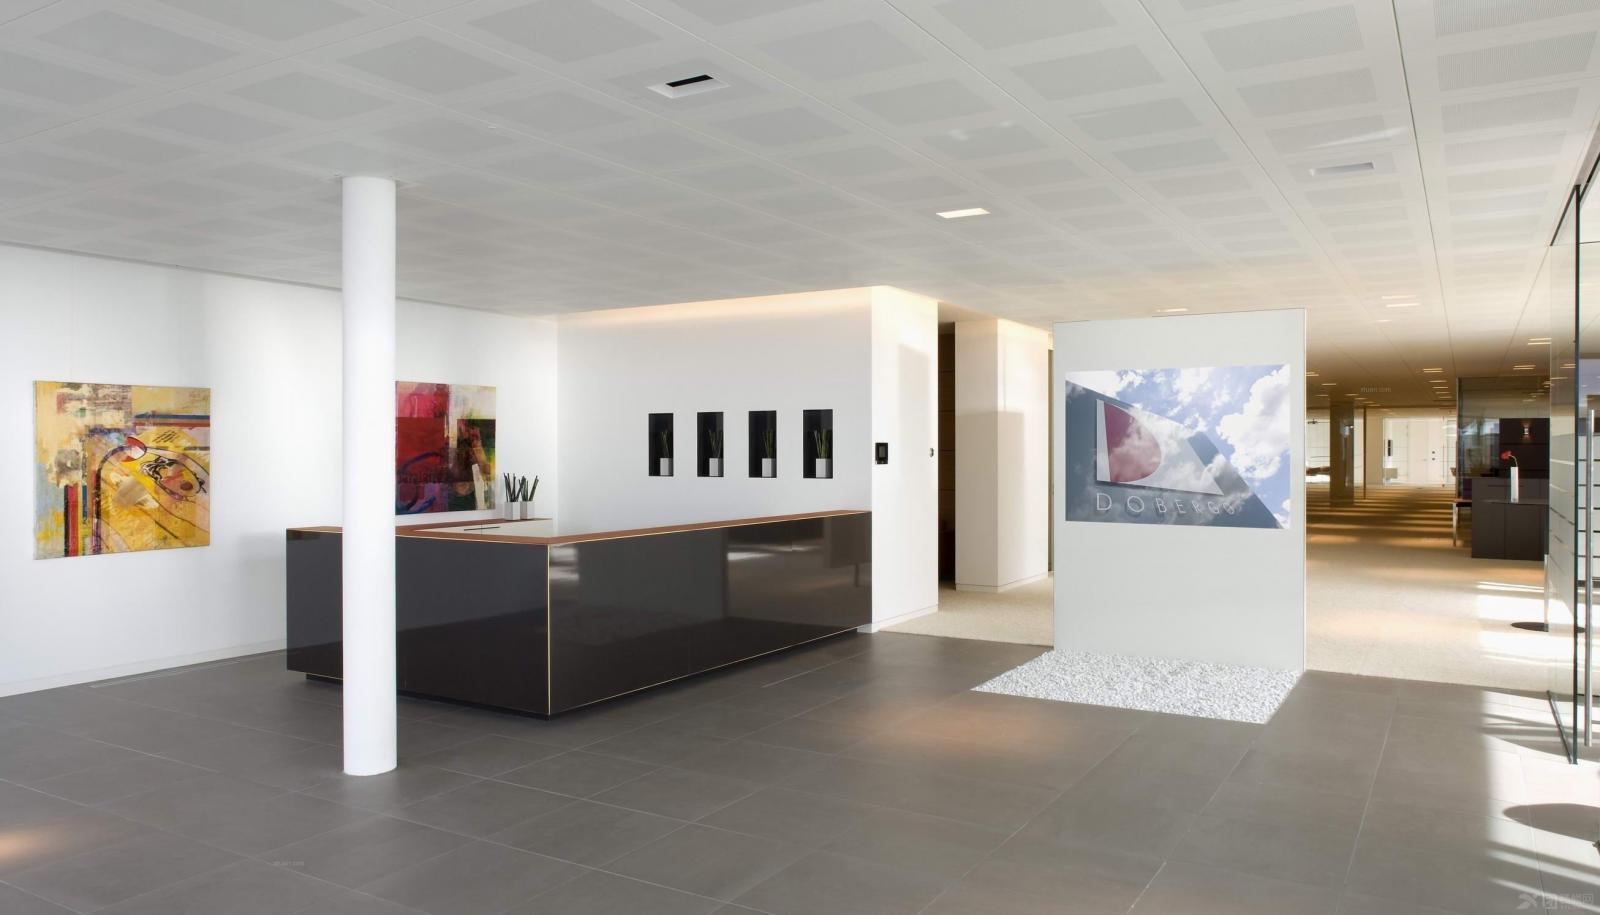 现代简约 办公室 6张 采轩餐厅 案例 5张 装修效果图